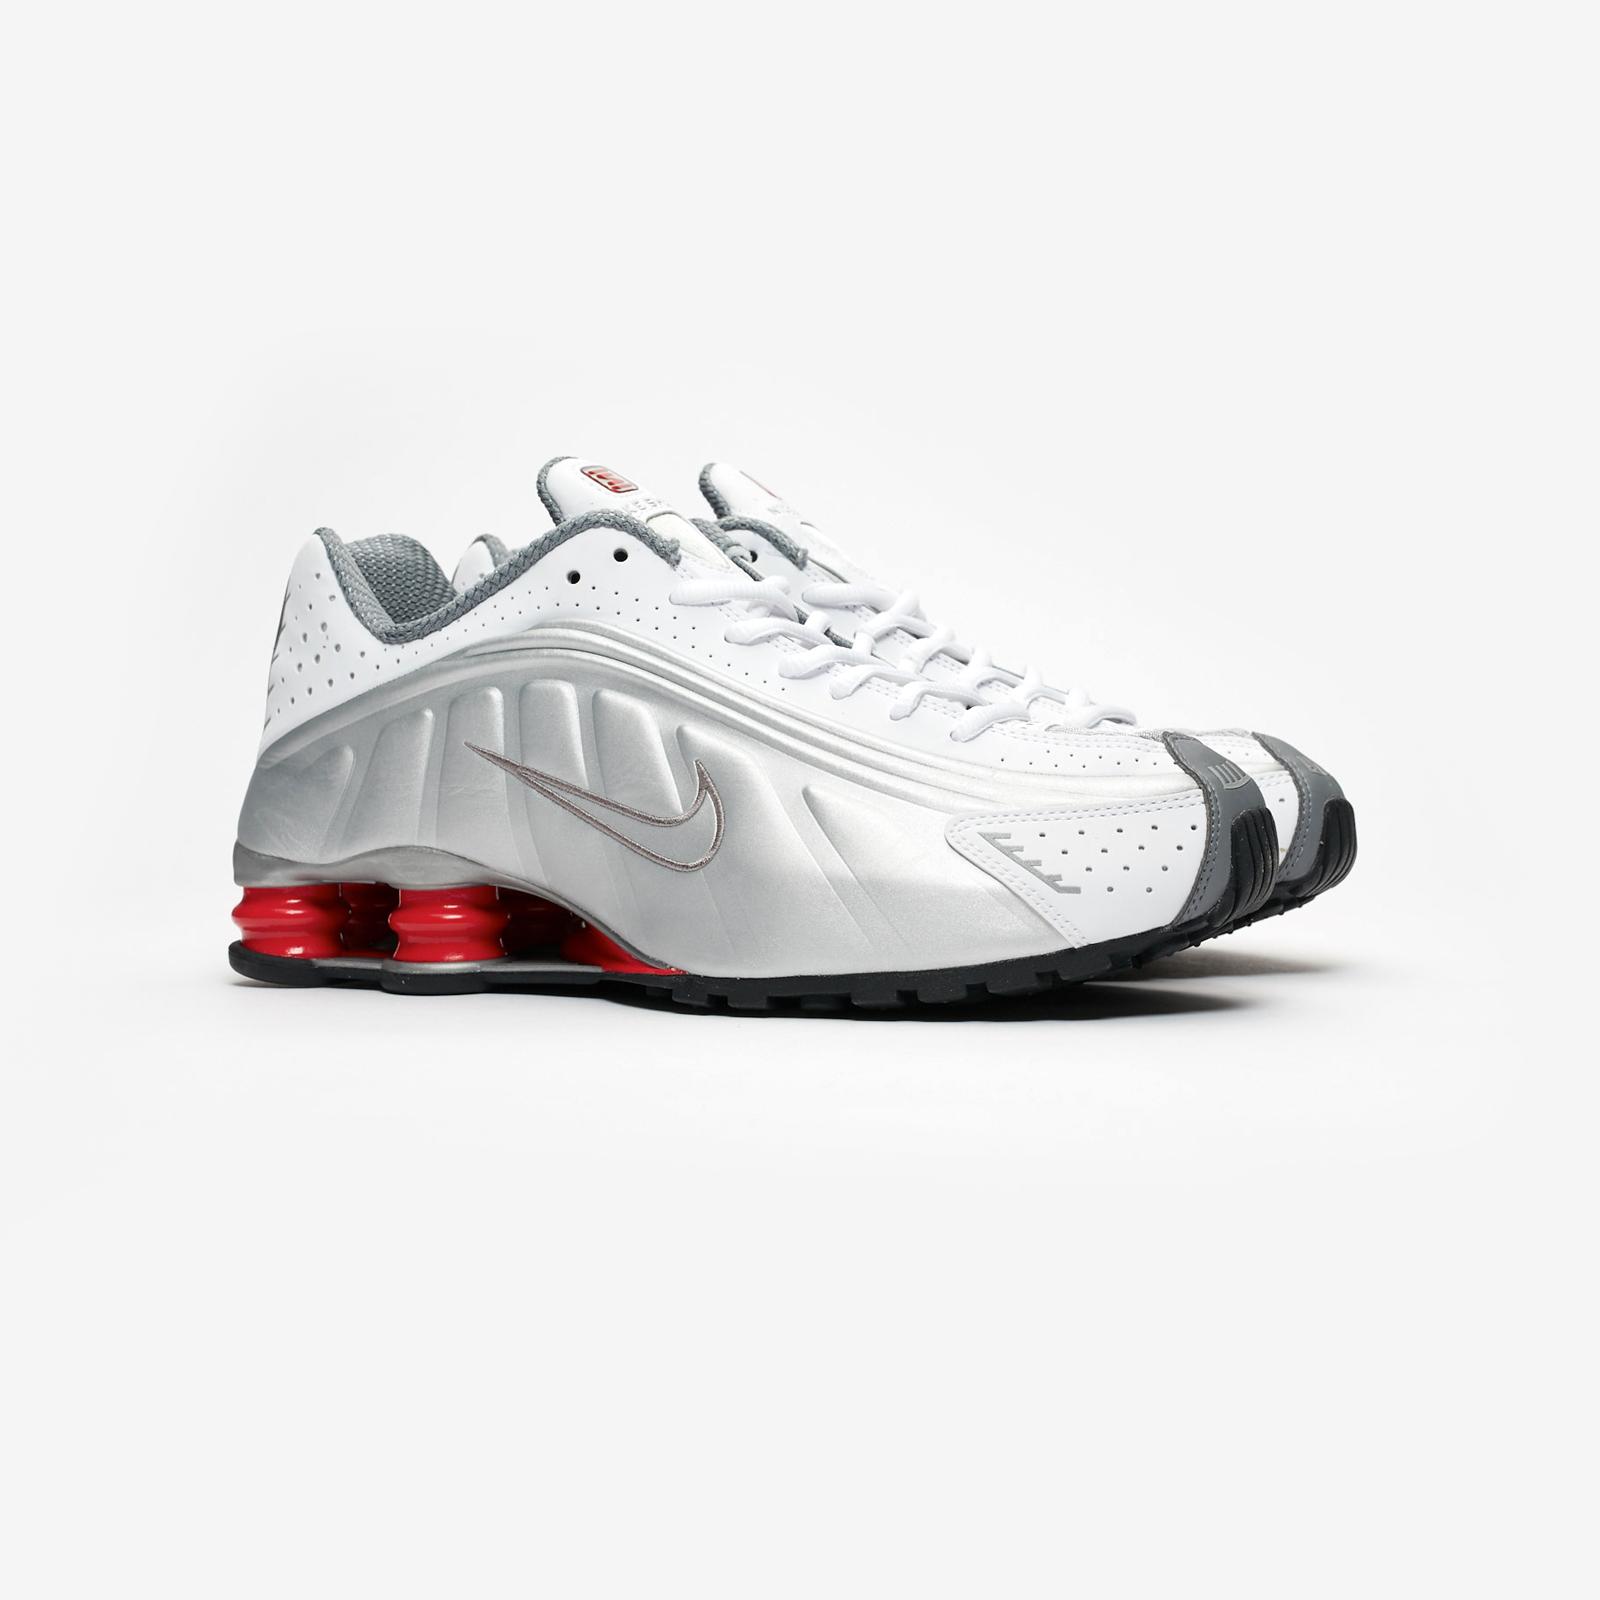 c83ca75442ec Nike Shox R4 - Bv1111-100 - Sneakersnstuff